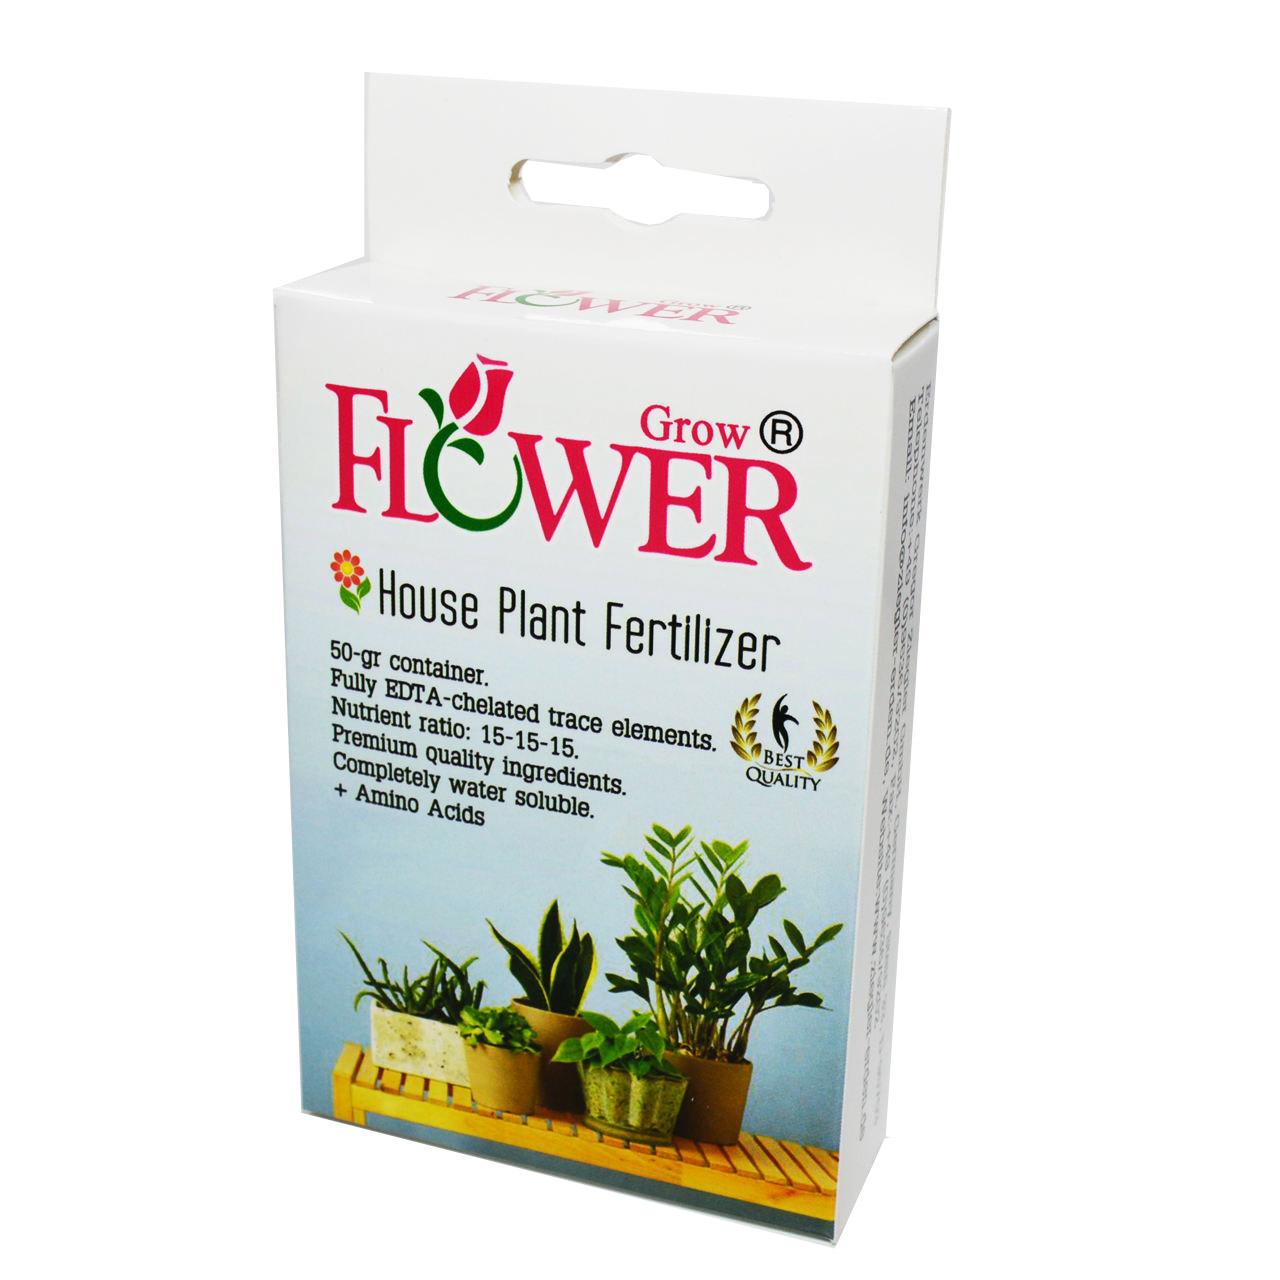 کود فلاور گرو مدل 01 بسته 80 گرمی برای گل های آپارتمانی